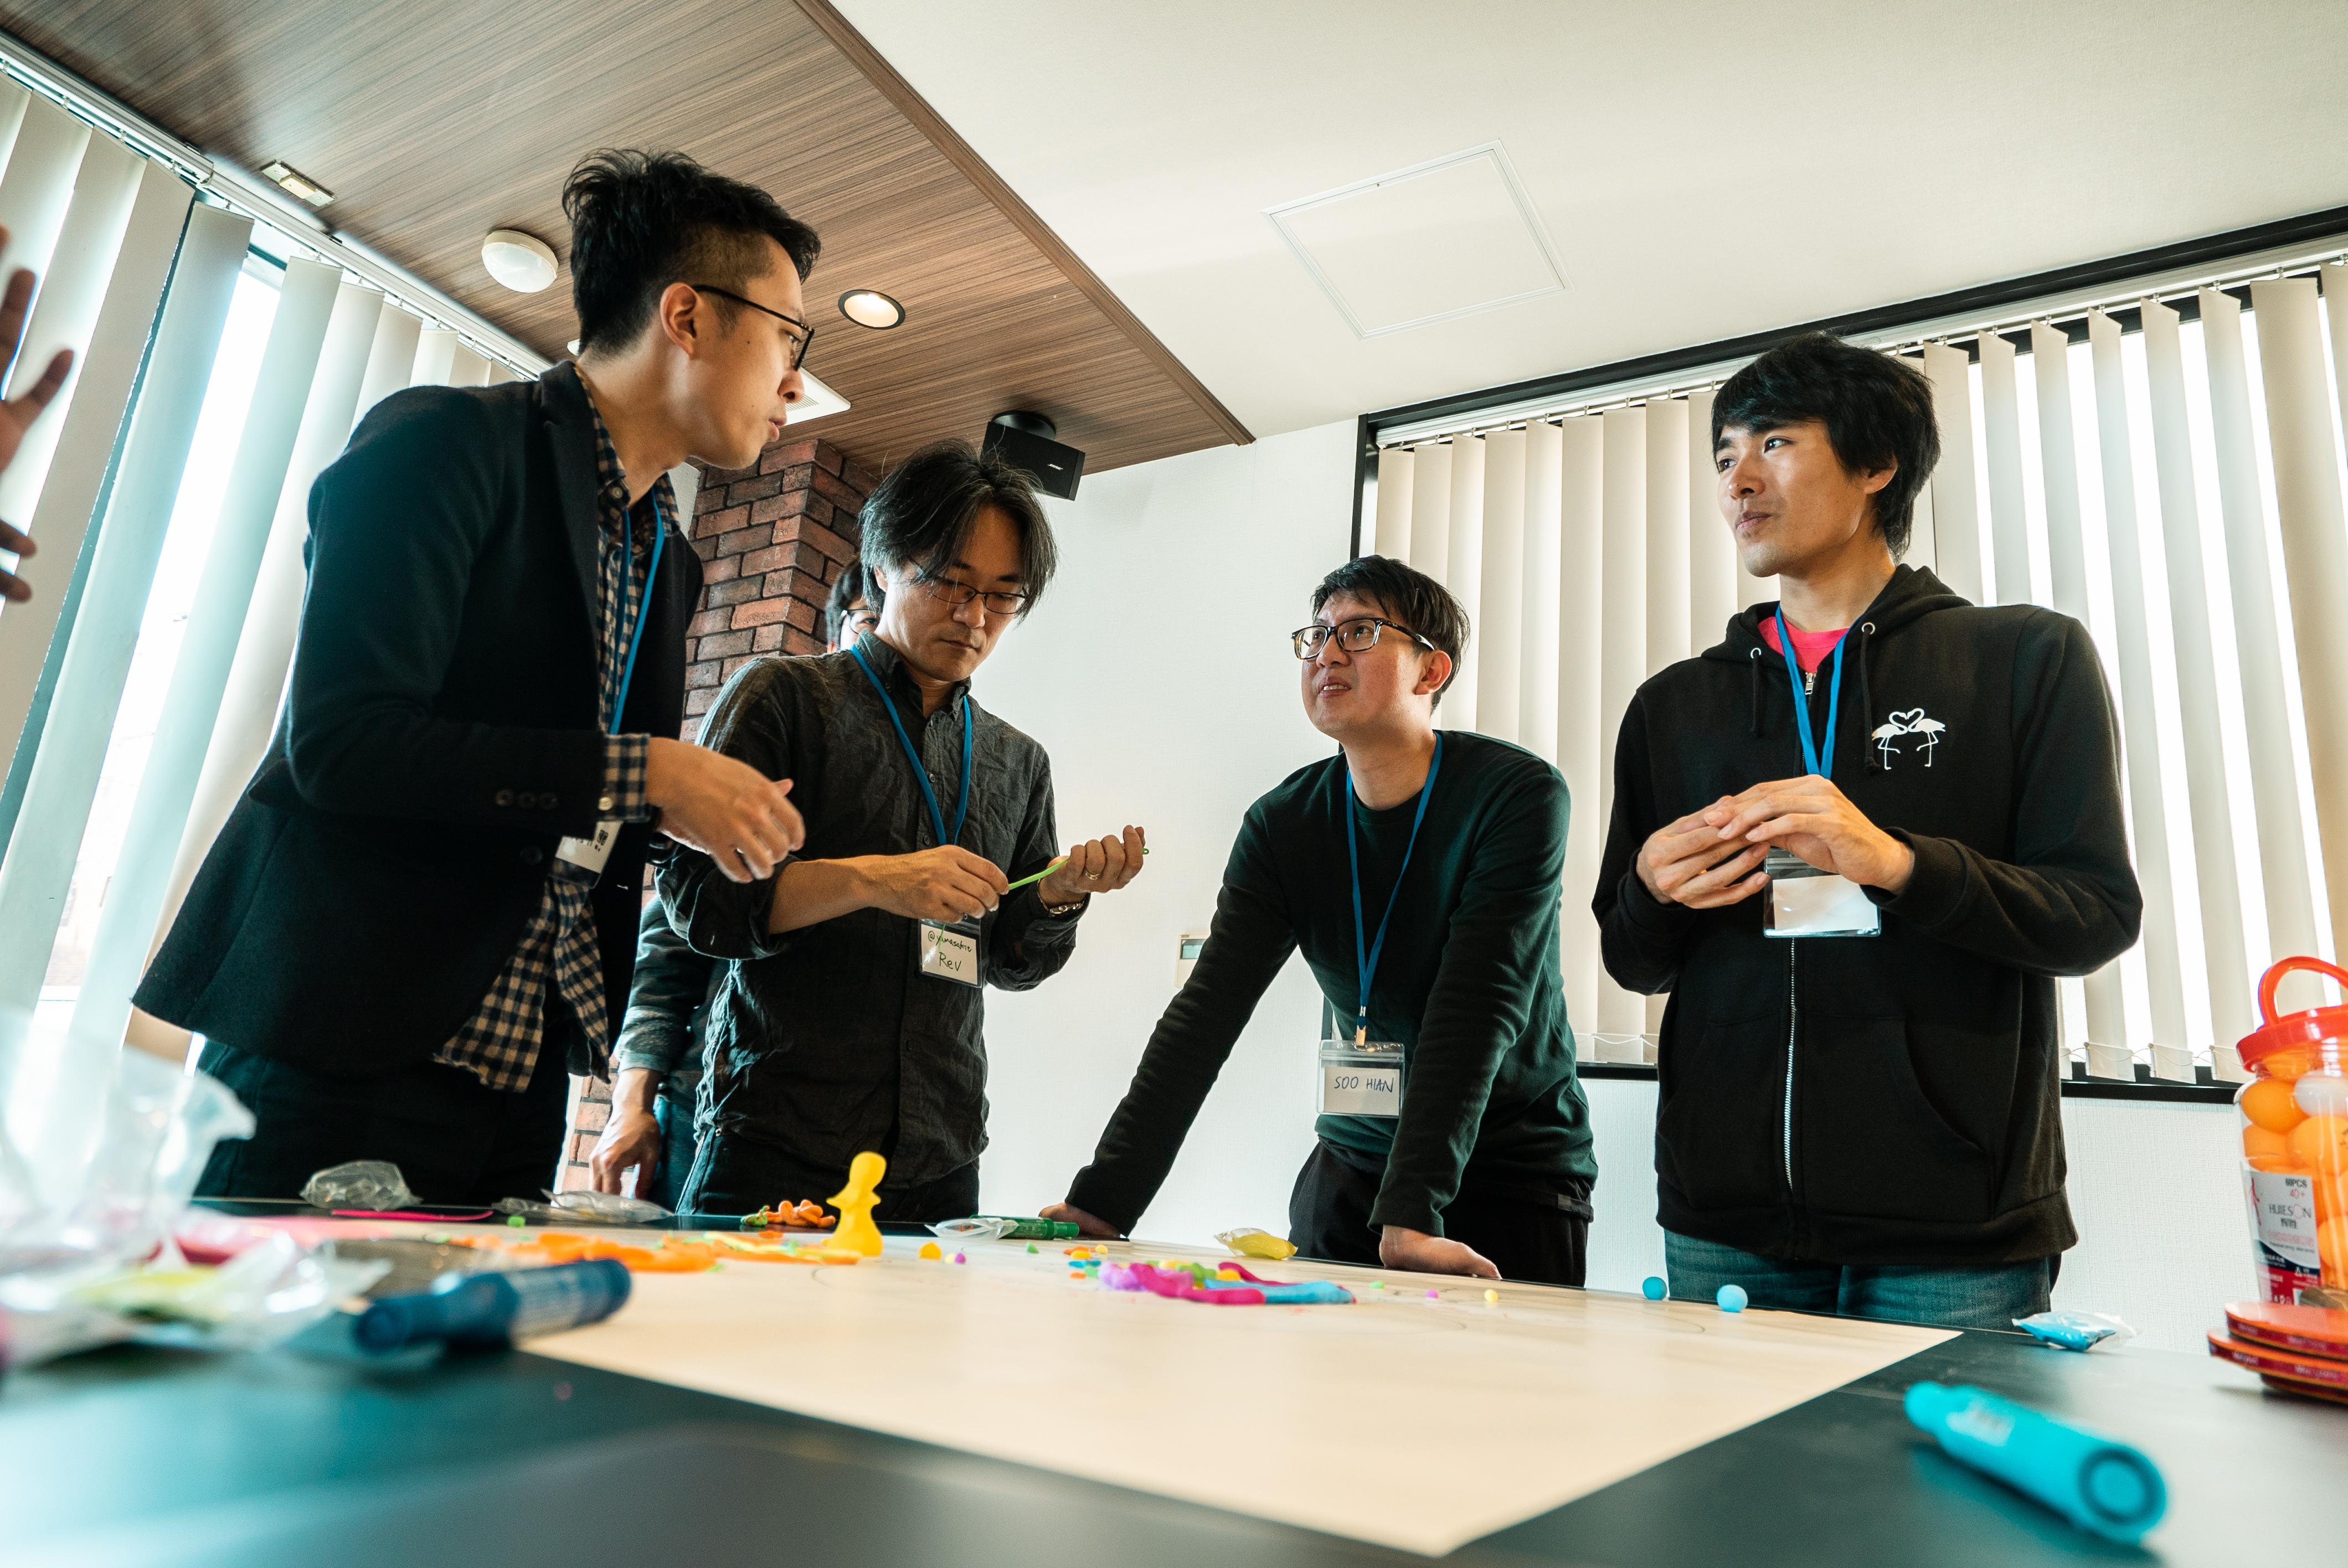 【福岡】英語を身に付けたい方歓迎!Backlog、Cacoo他、チーム開発を支援するツールの併用を便利にする「ヌーラボアカウント」を手がけるフロントエンドエンジニアを募集!